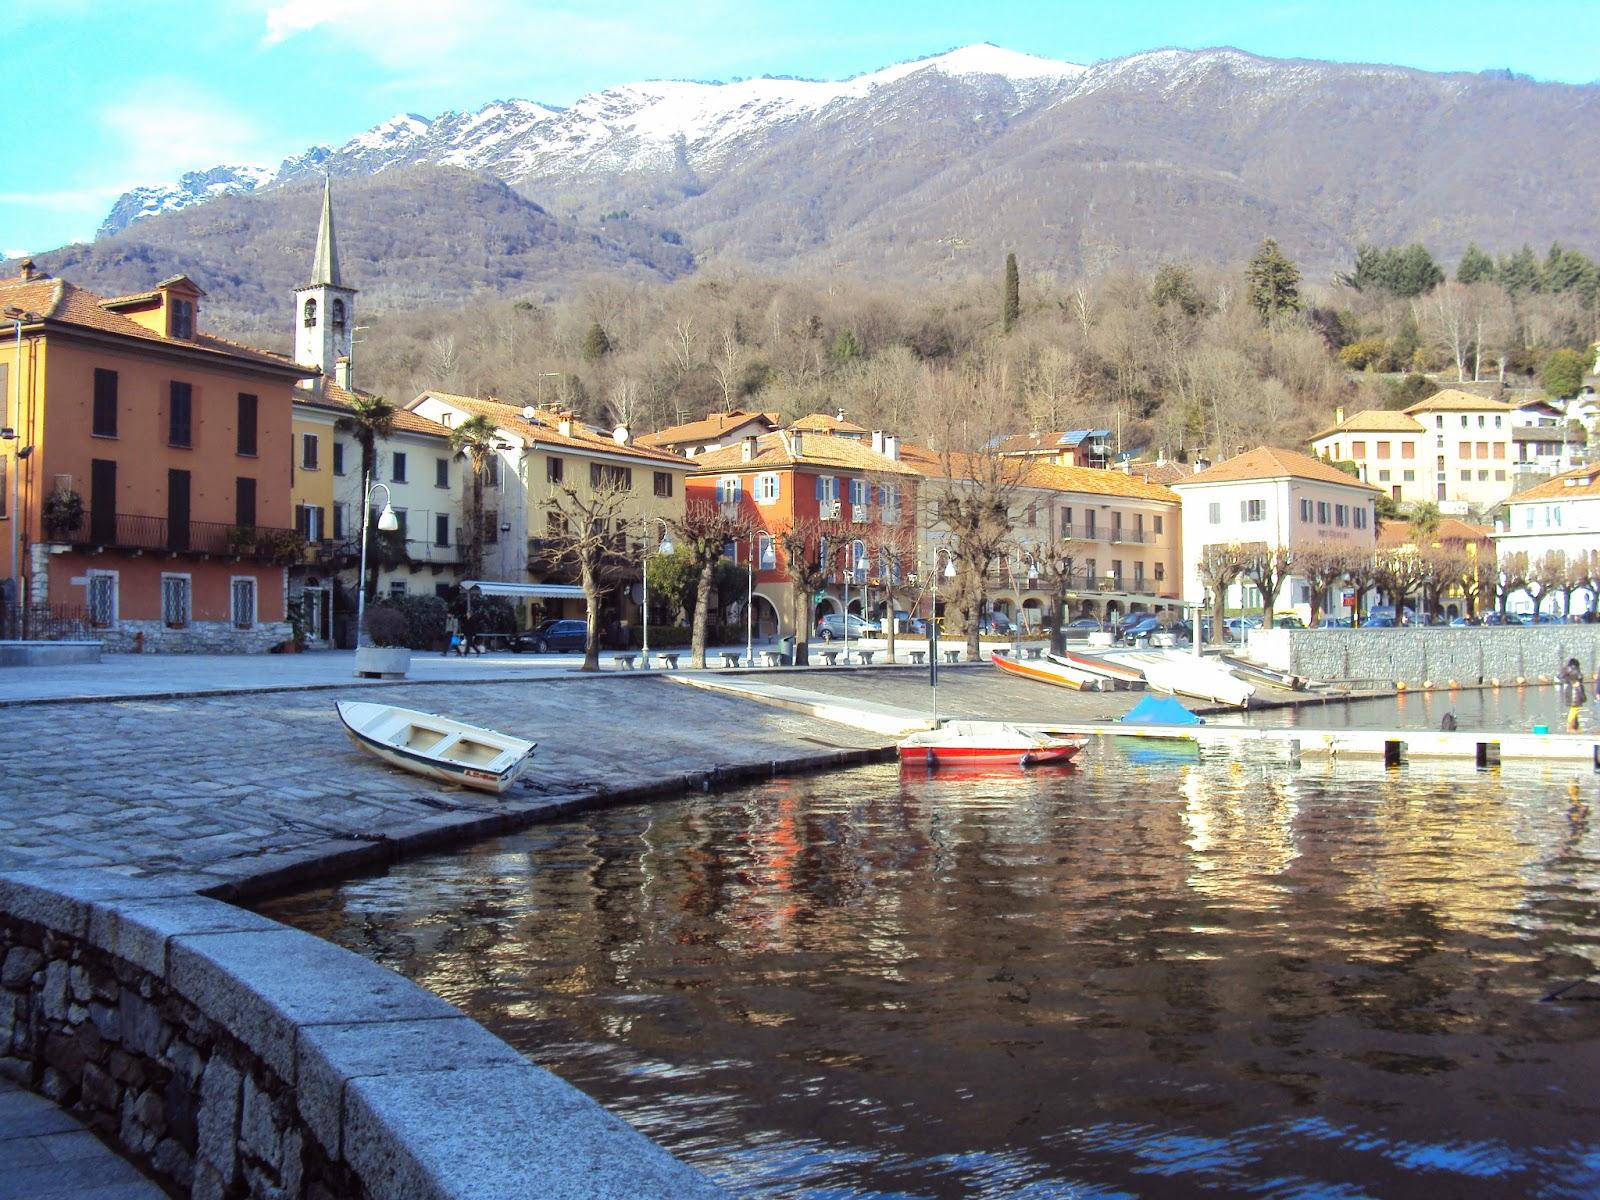 Lago di mergozzo i love travel for Lago di mergozzo